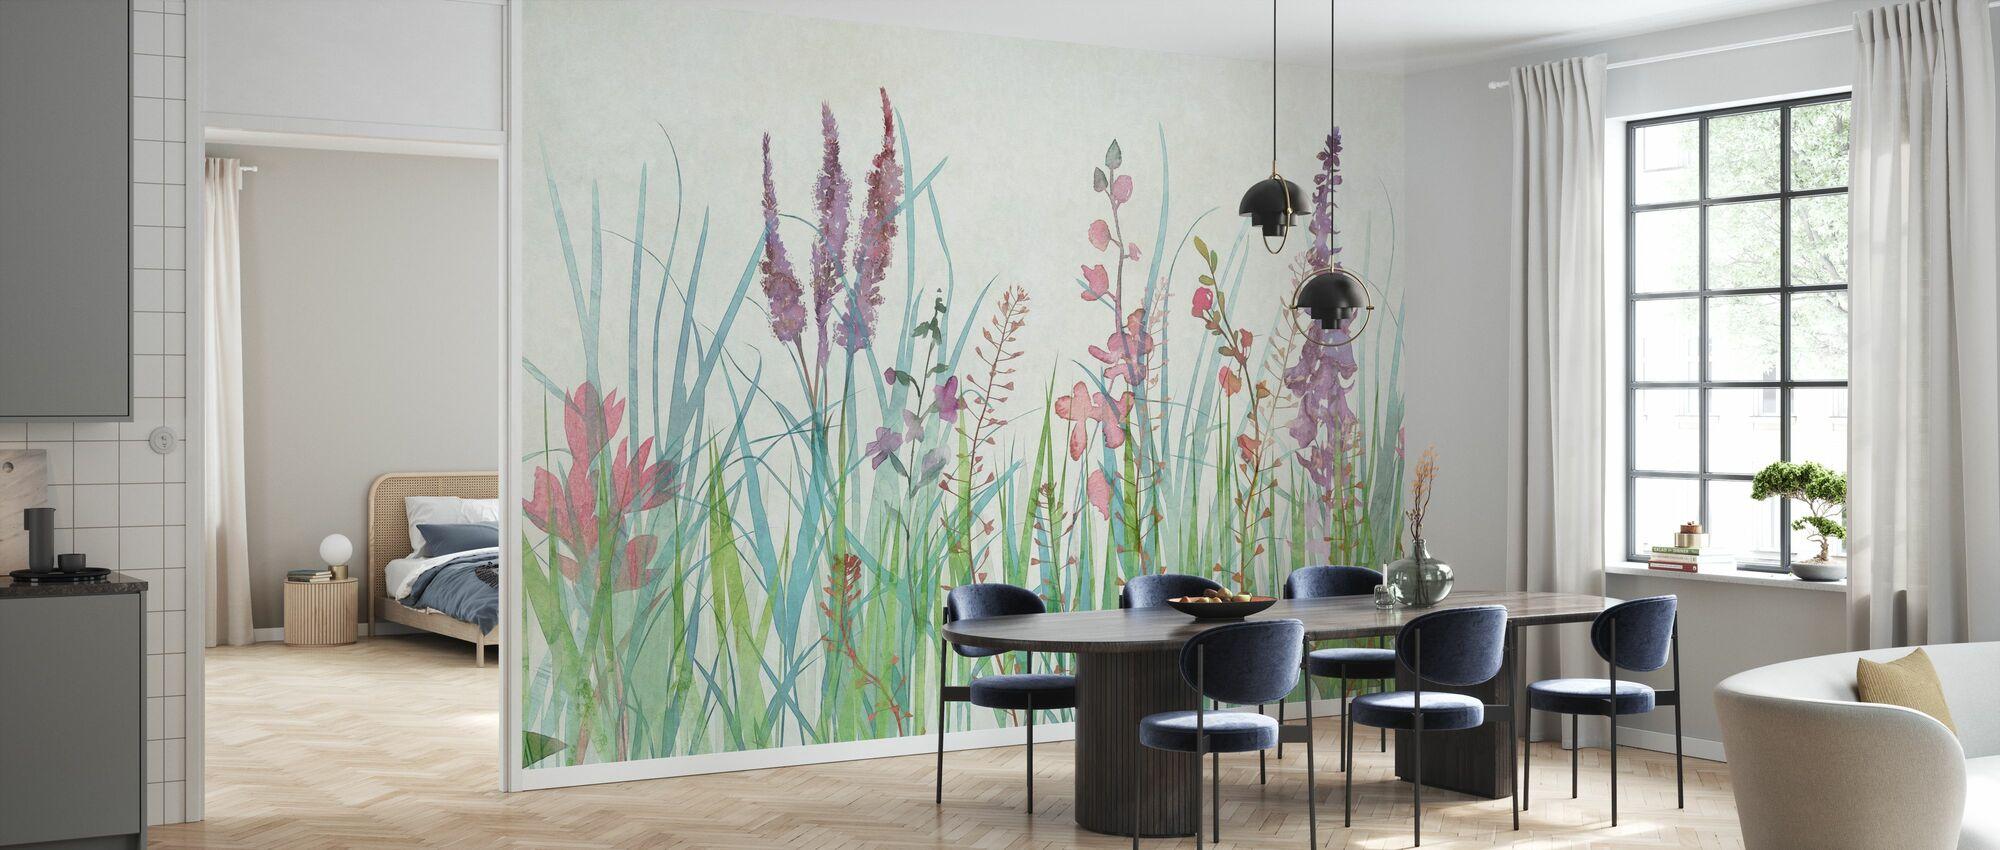 Juni Garden - Tapet - Kök